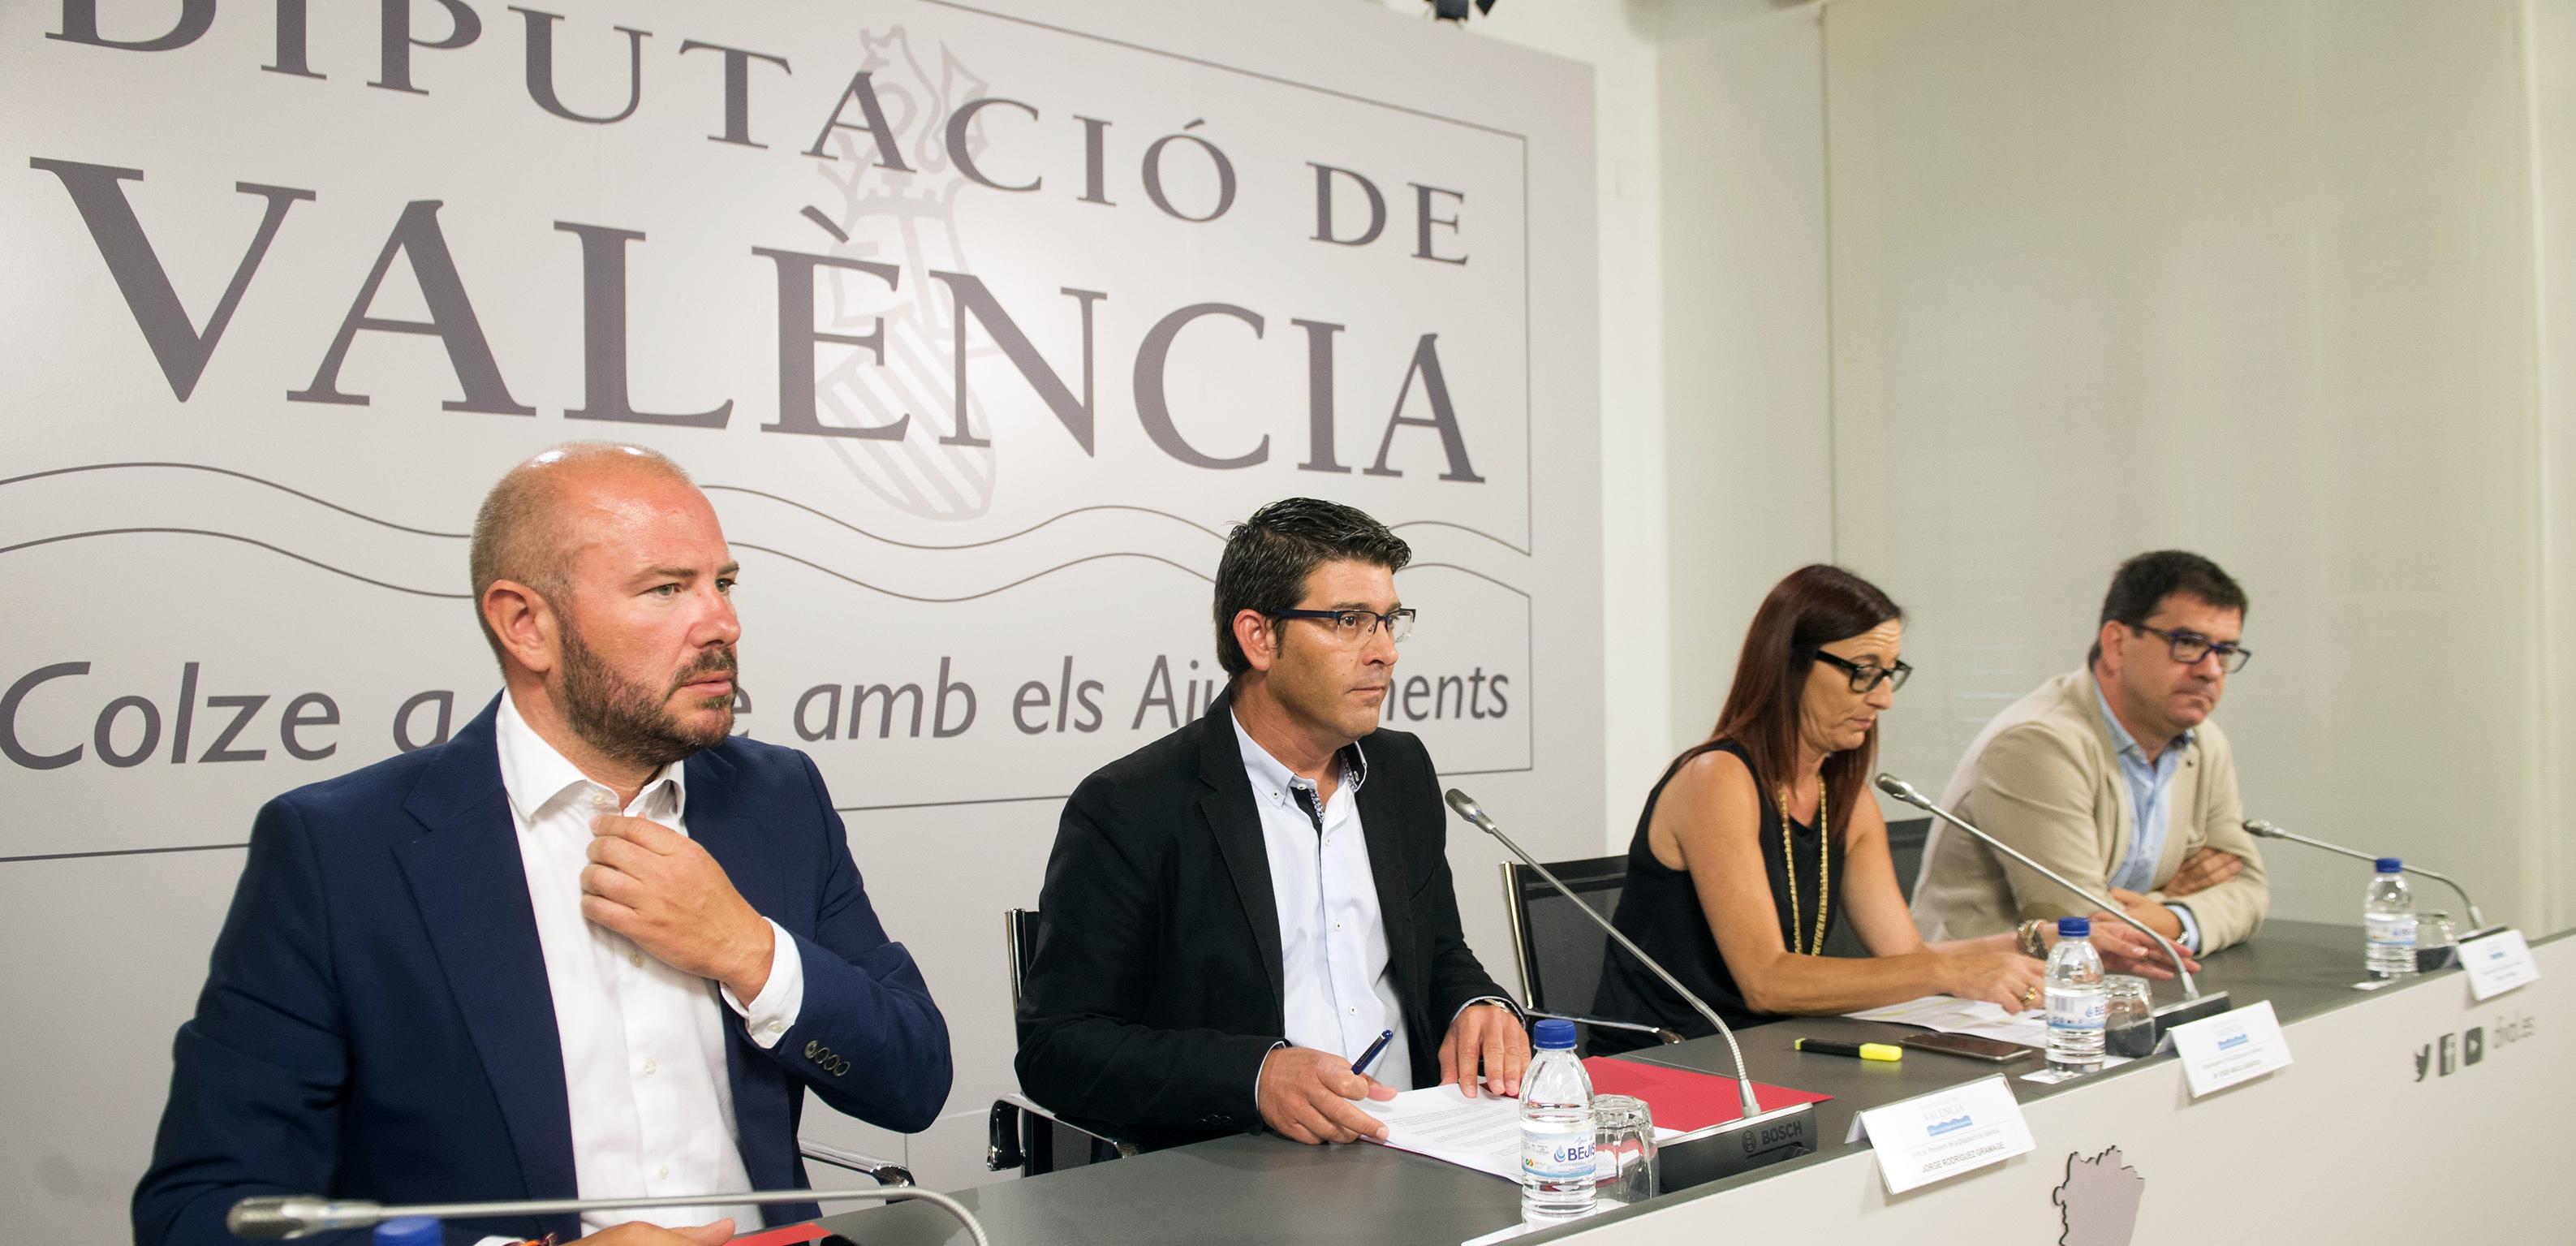 Rueda de prensa de la presentación del PIFS a cargo de los responsables de la Diputación.